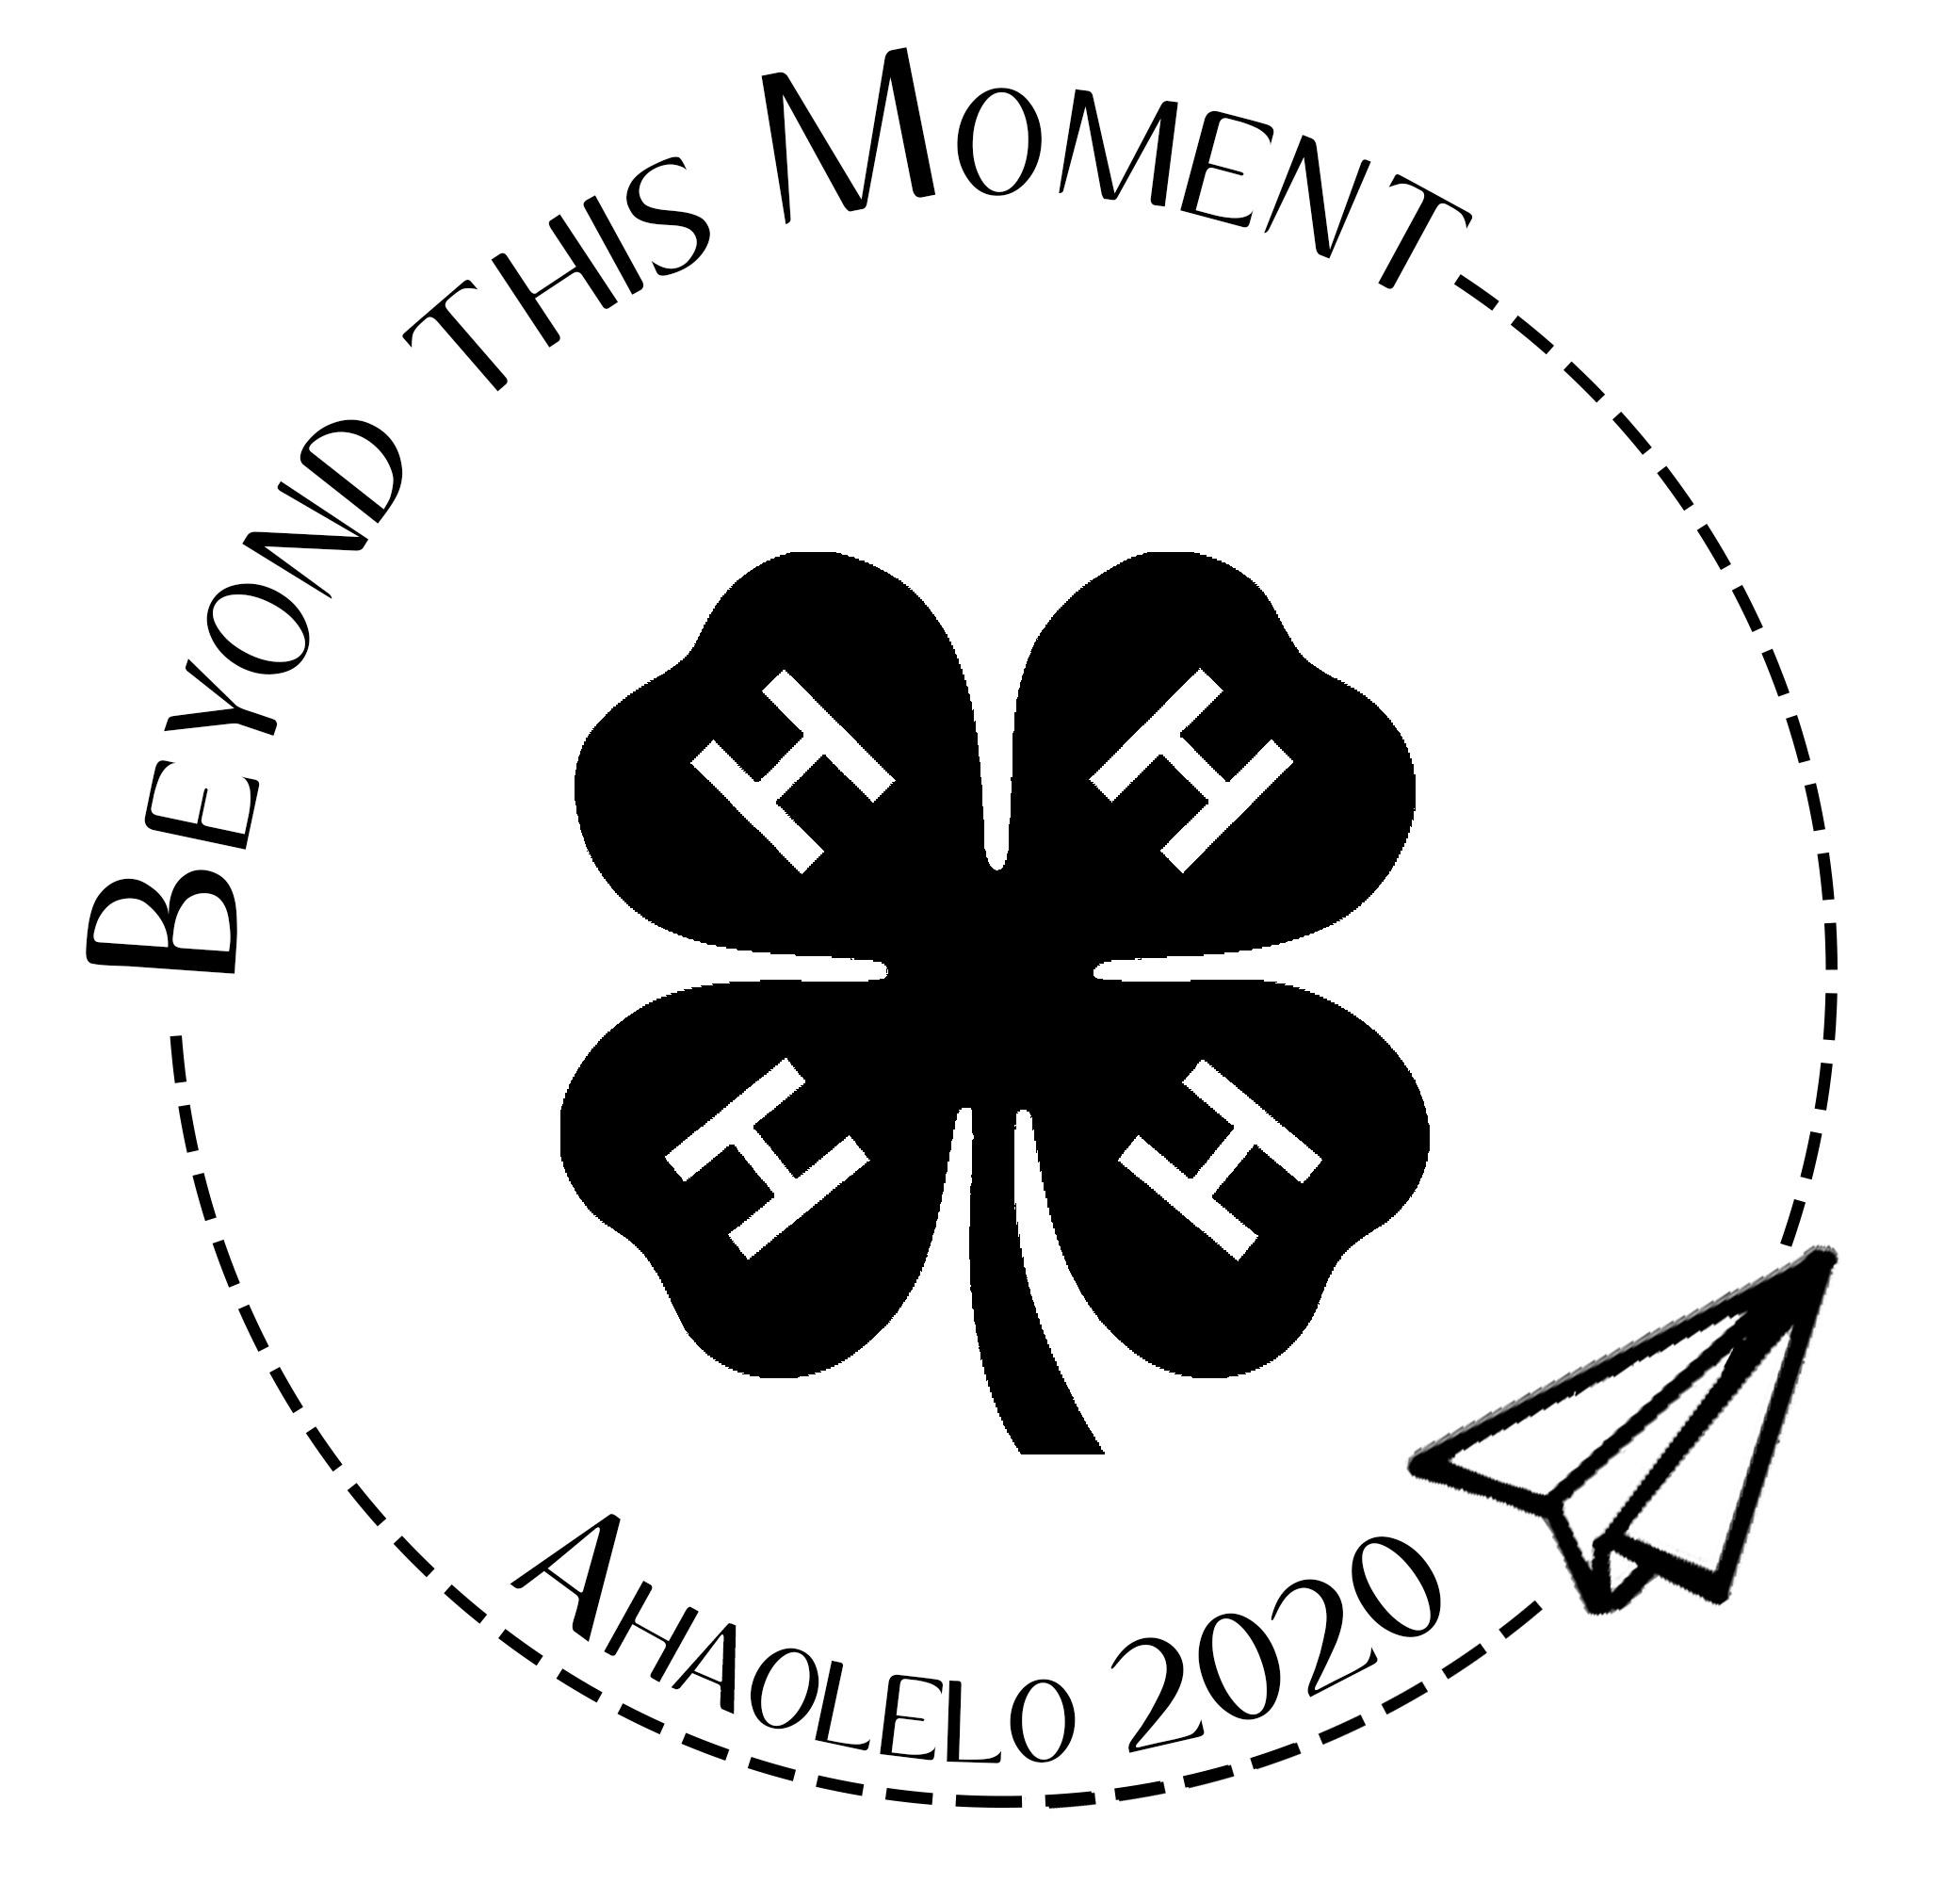 'Aha'ōlelo 2020